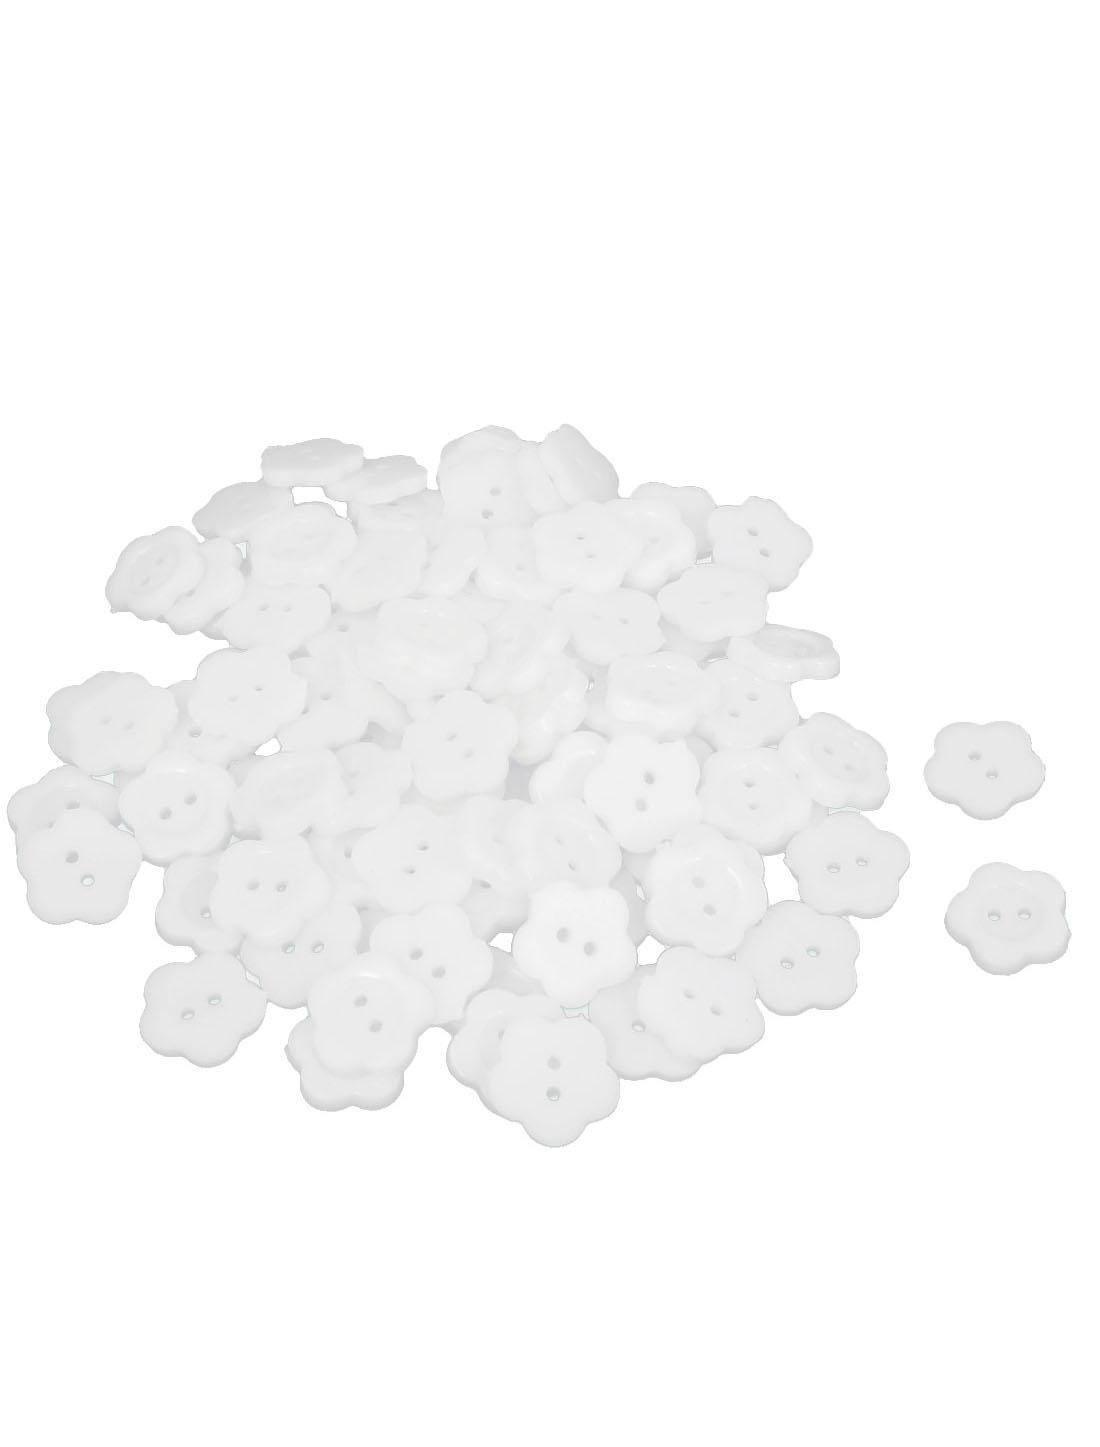 15mm Width 2 Hole Plastic Fleur Shape Sewing Clothes Button White 100pcs